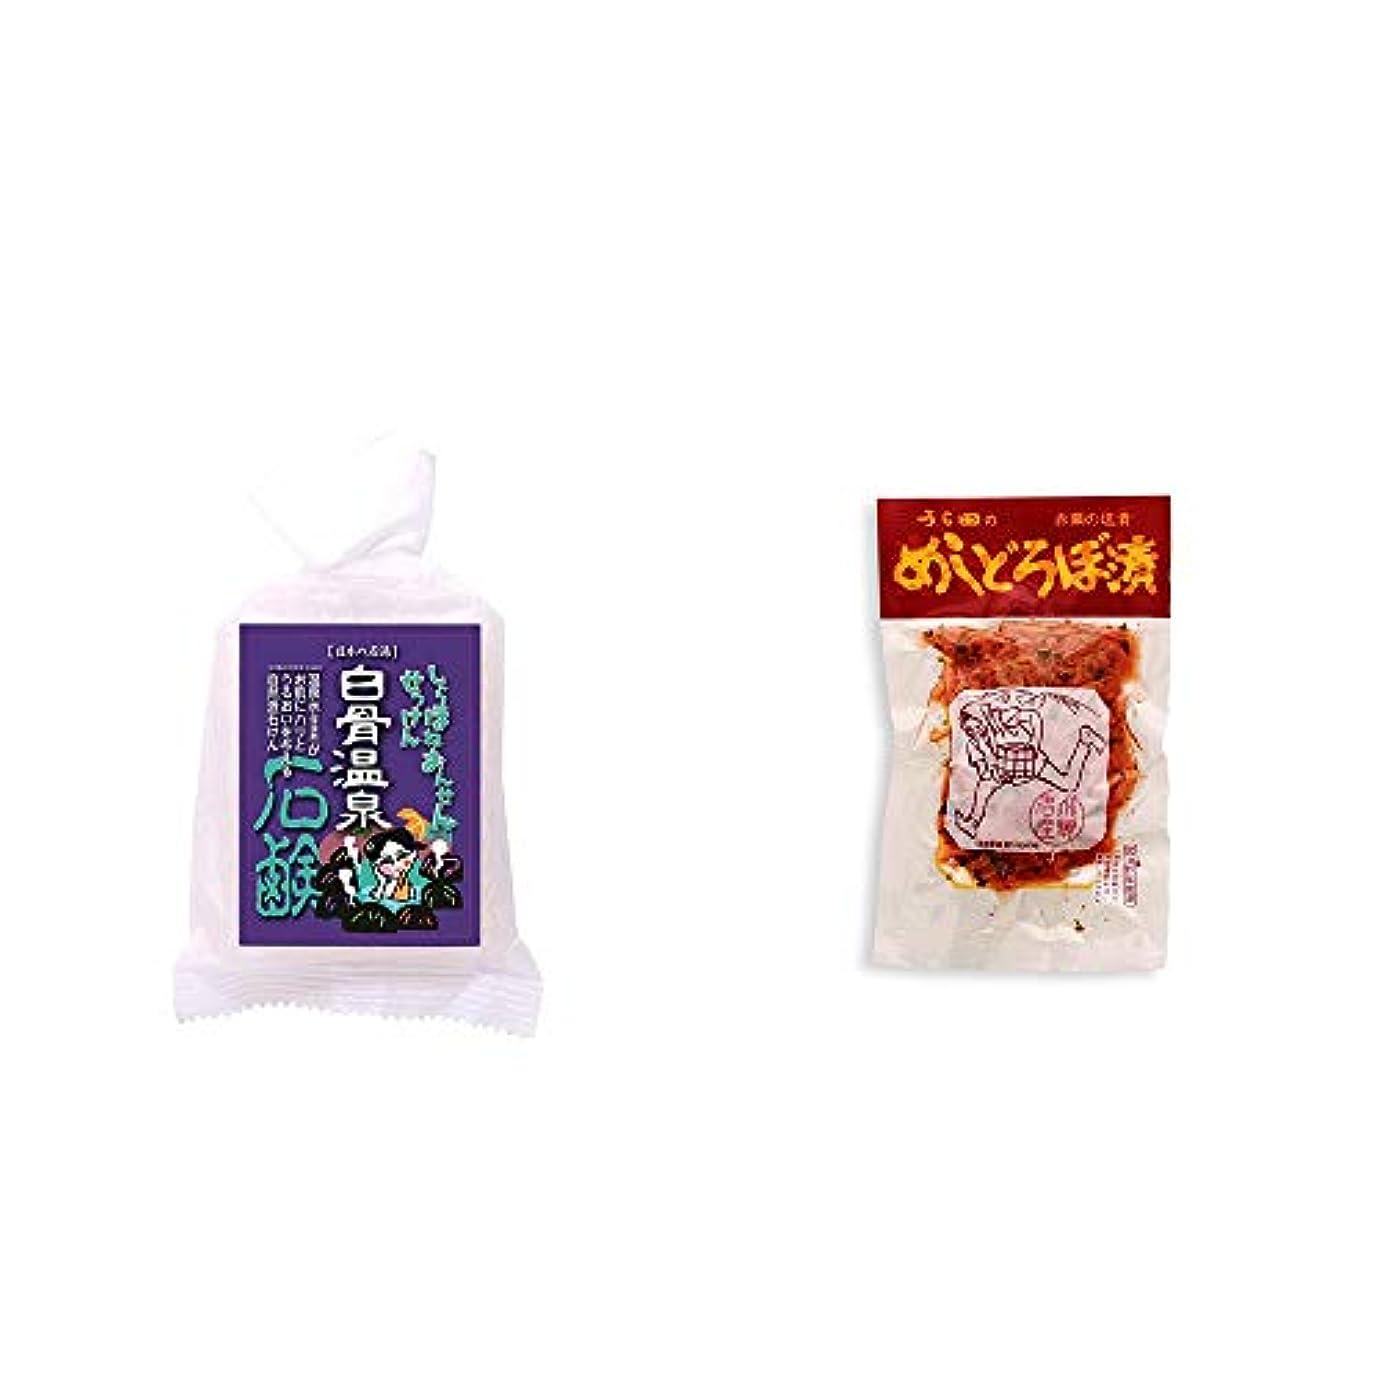 帽子り敬礼[2点セット] 信州 白骨温泉石鹸(80g)?うら田 めしどろぼ漬(180g)